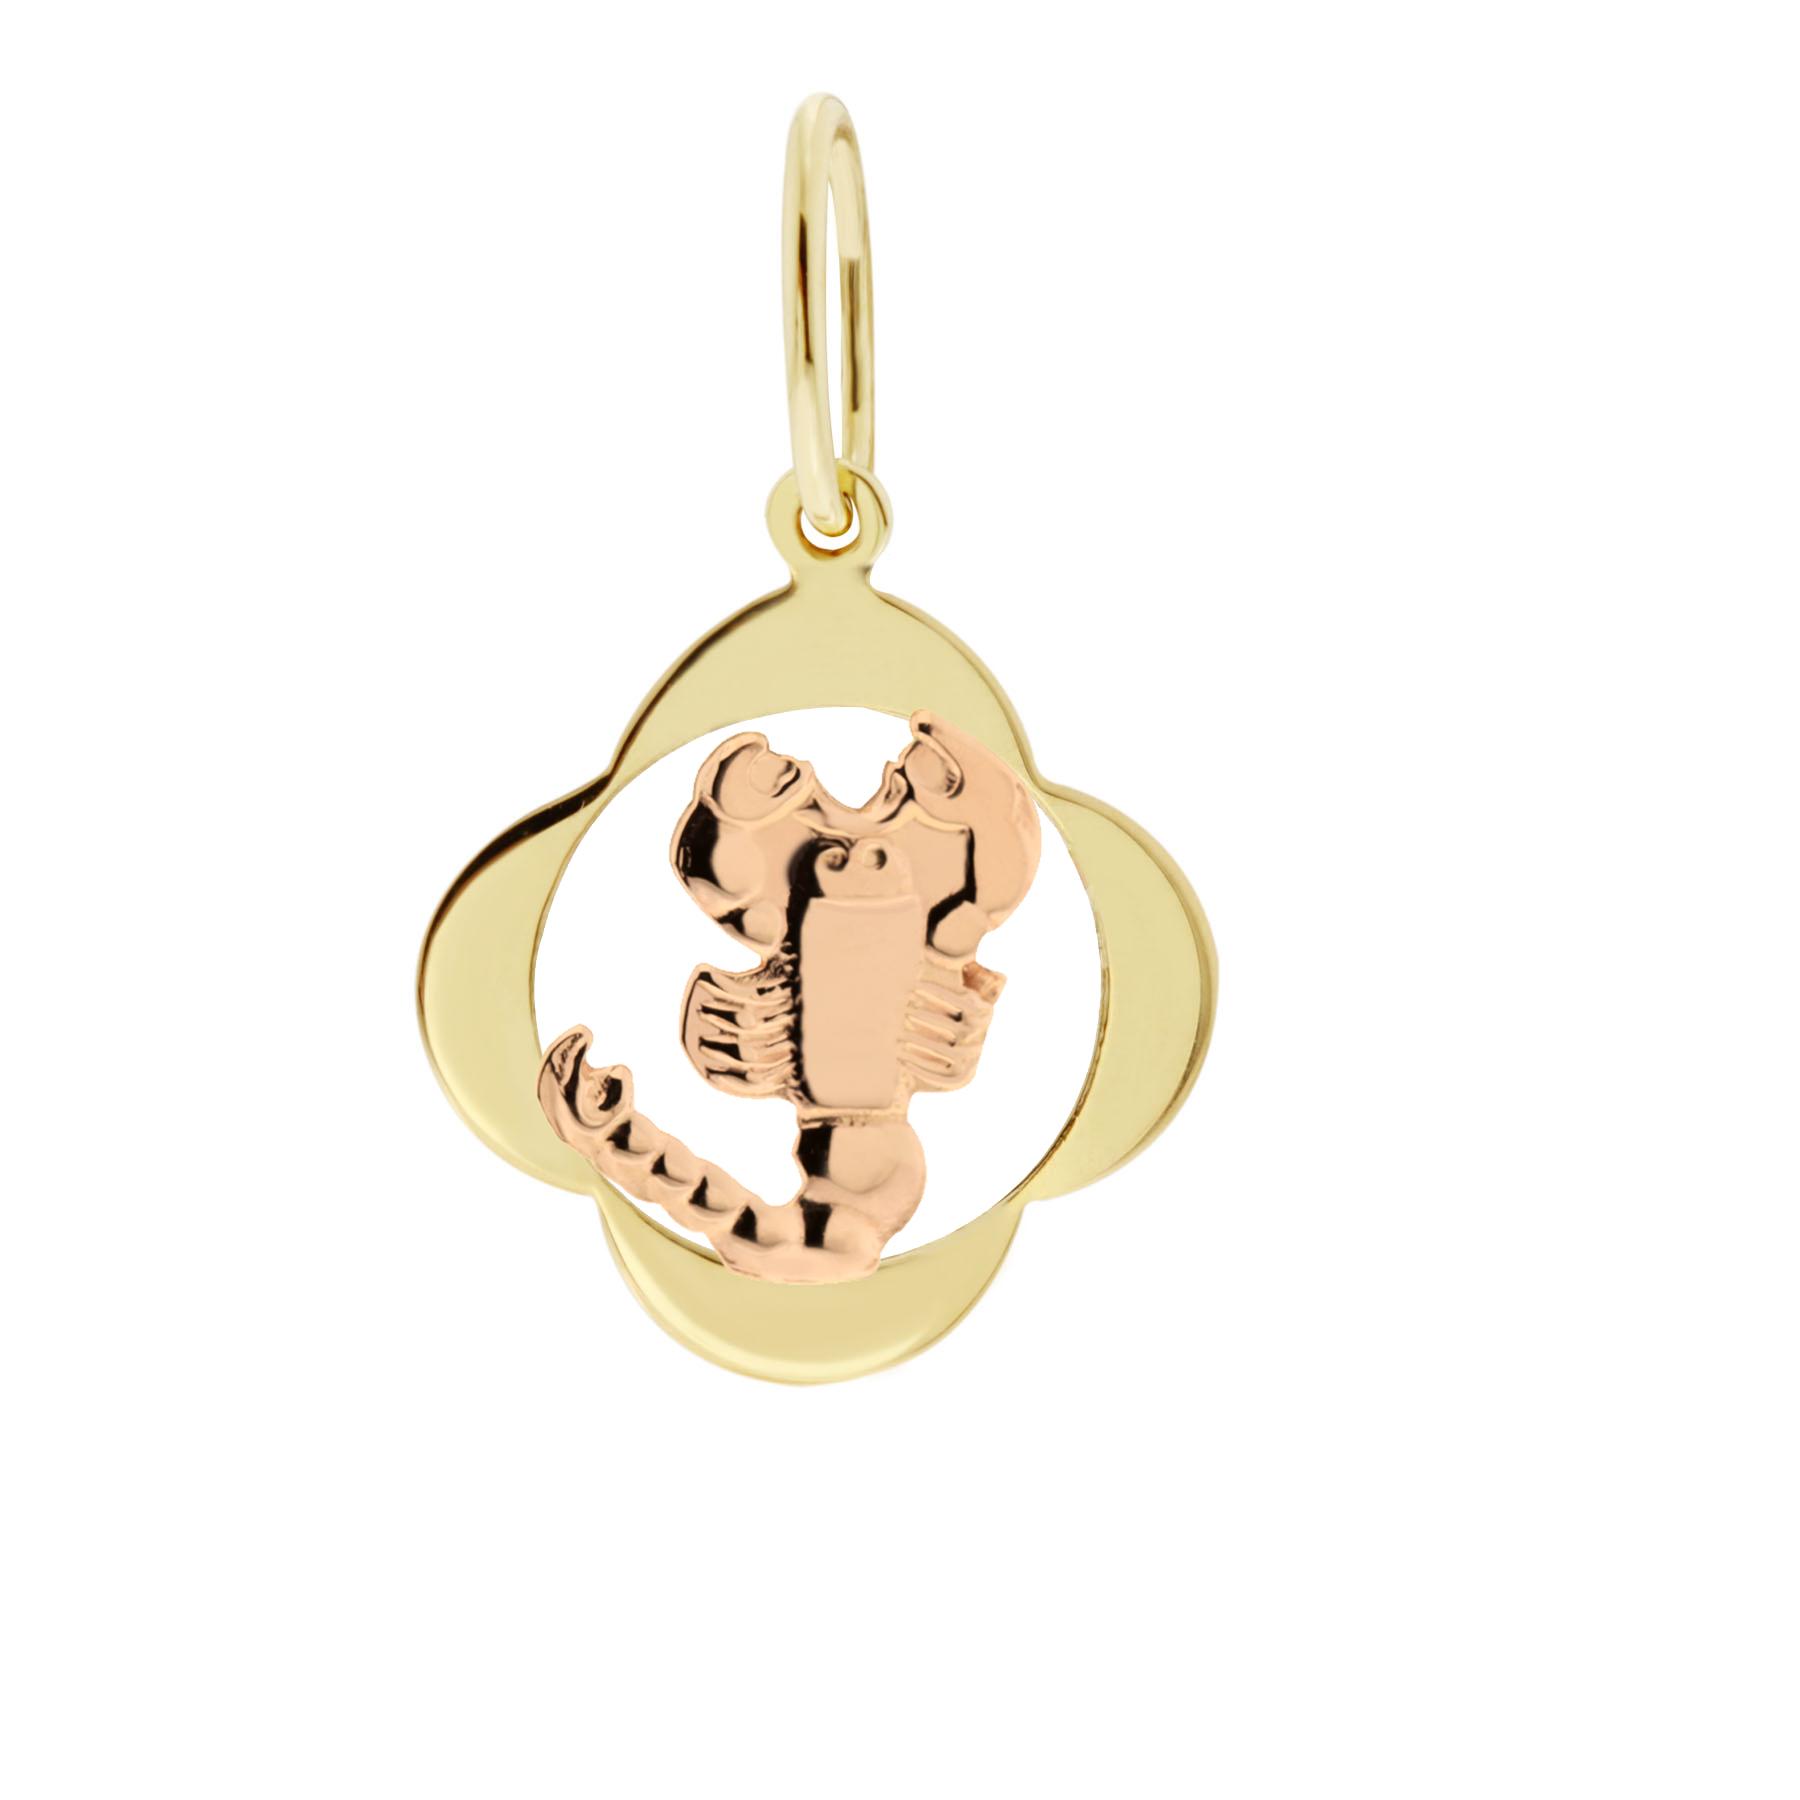 Zlatý přívěsek - znamení zvěrokruhu Štír Tvar: Čtyřlístek, hladký rámeček